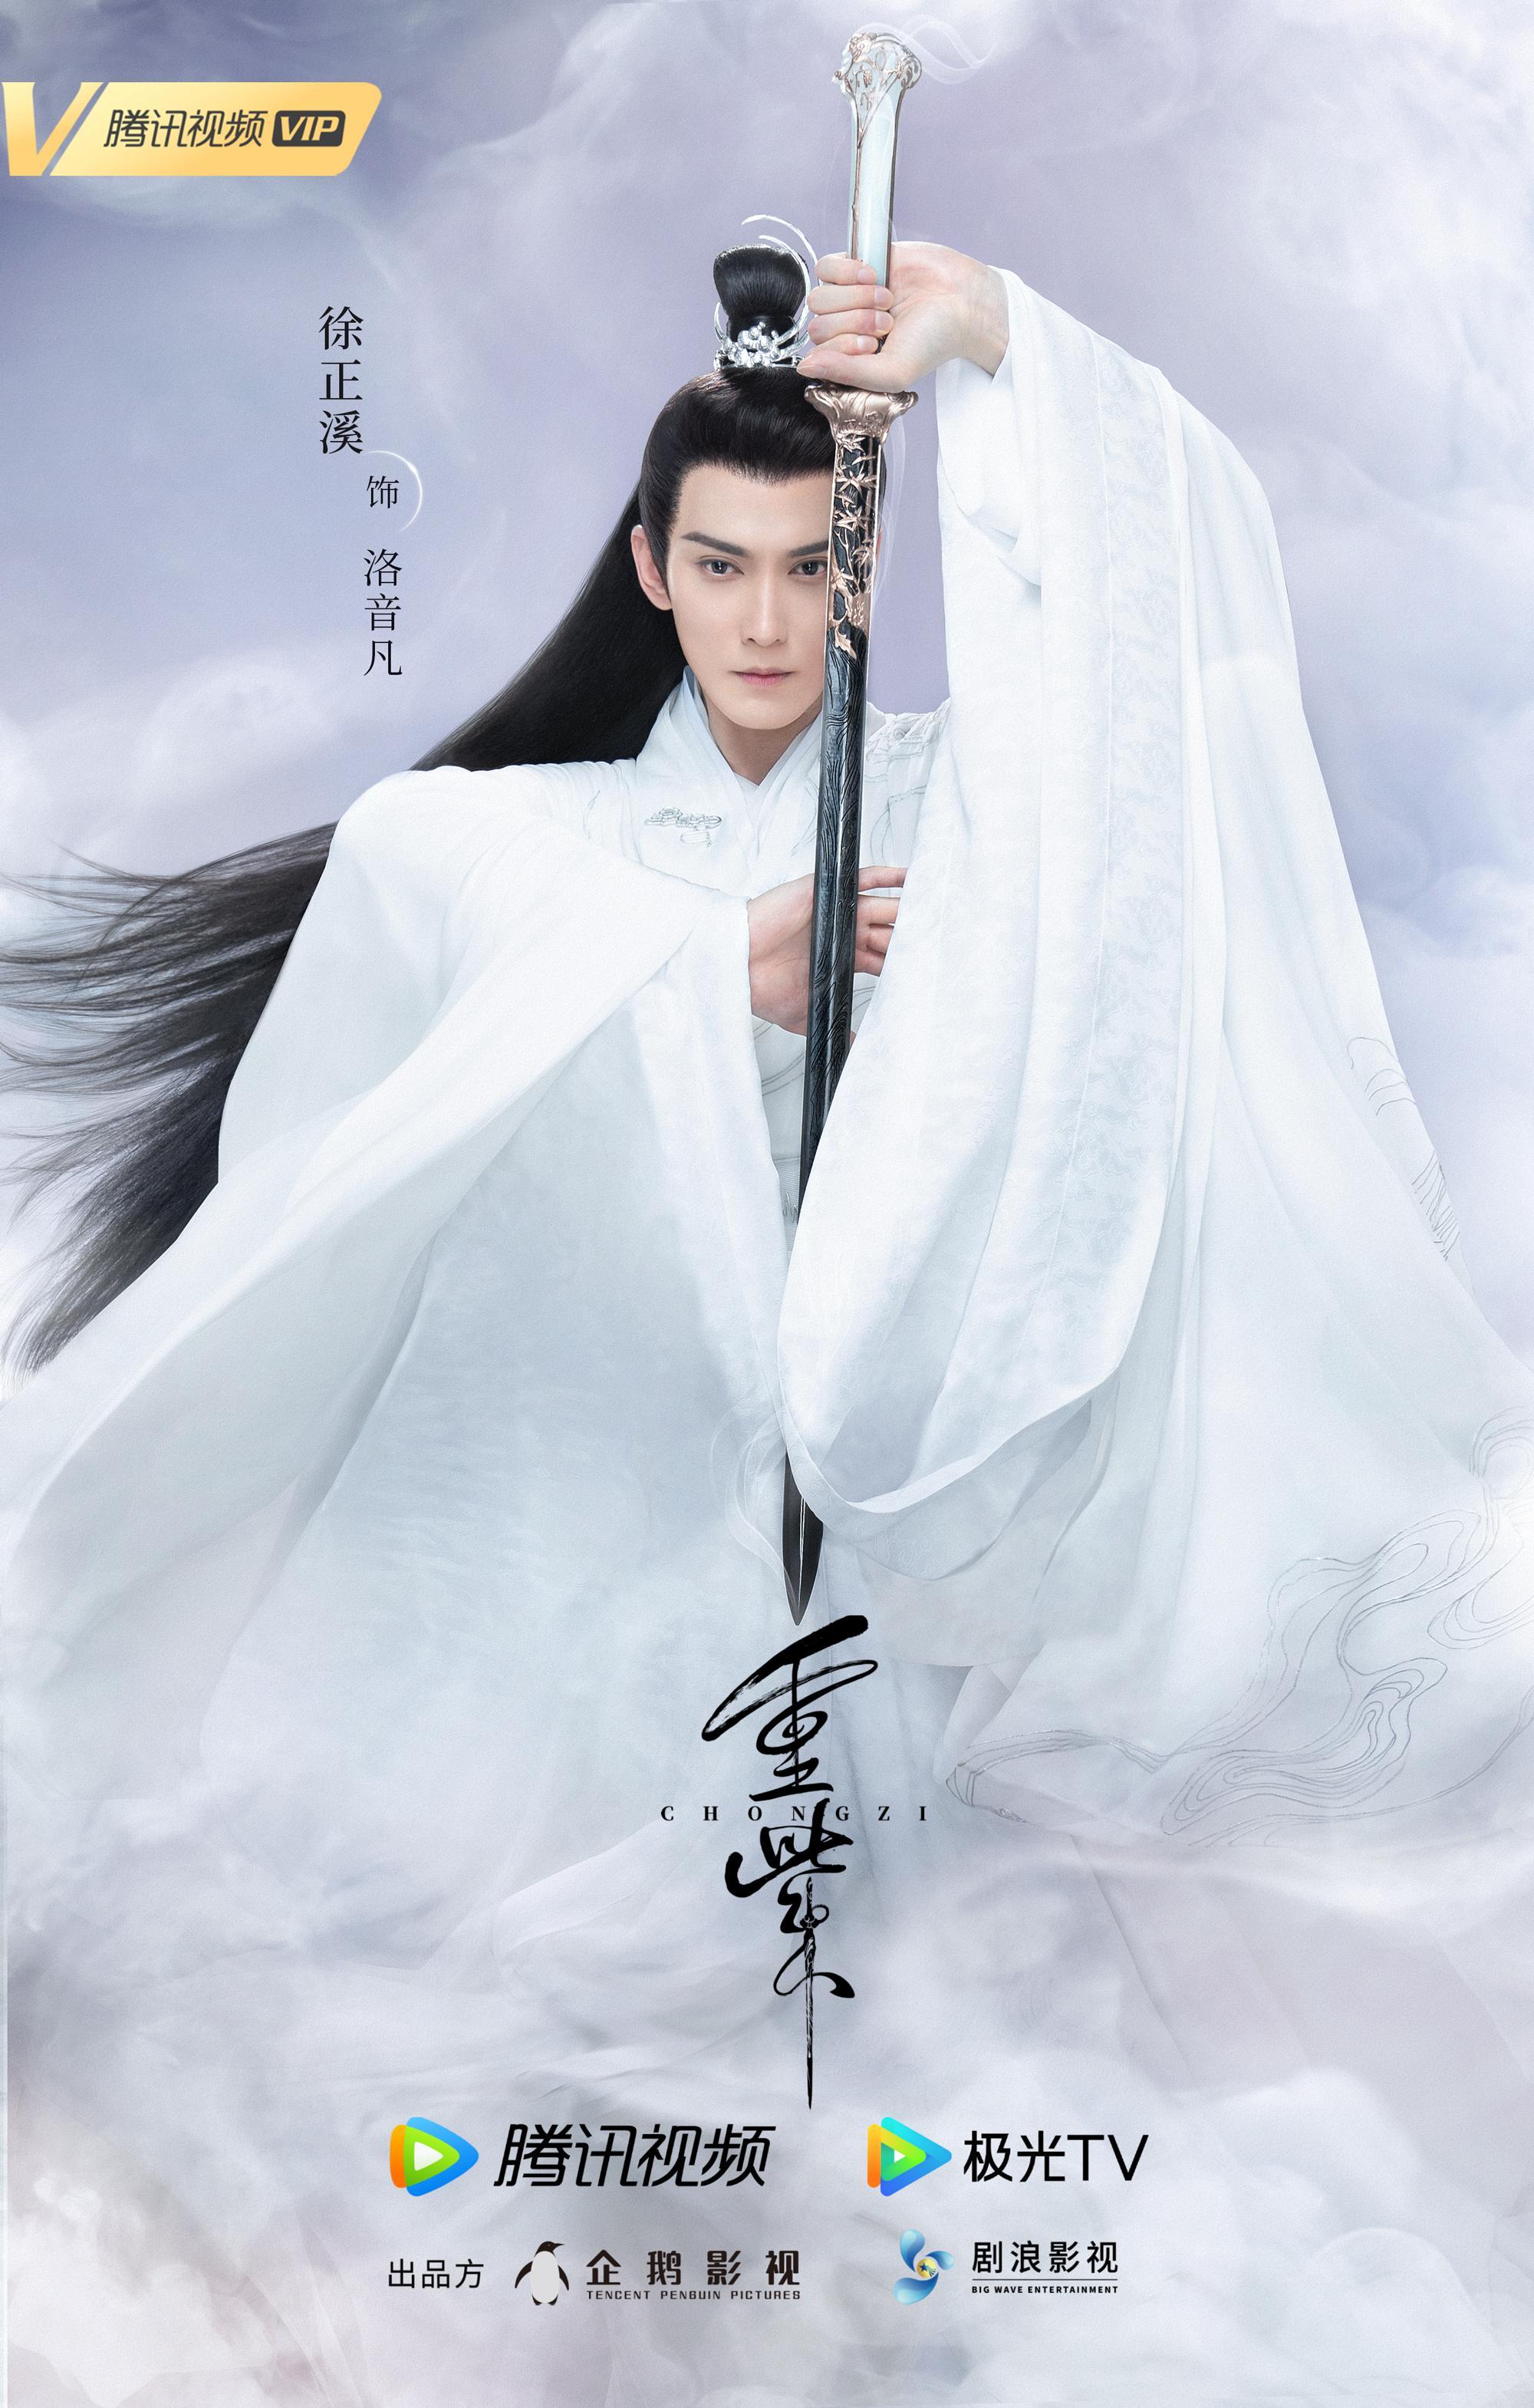 《重紫》首发定妆海报 杨超越徐正溪开启三世情缘